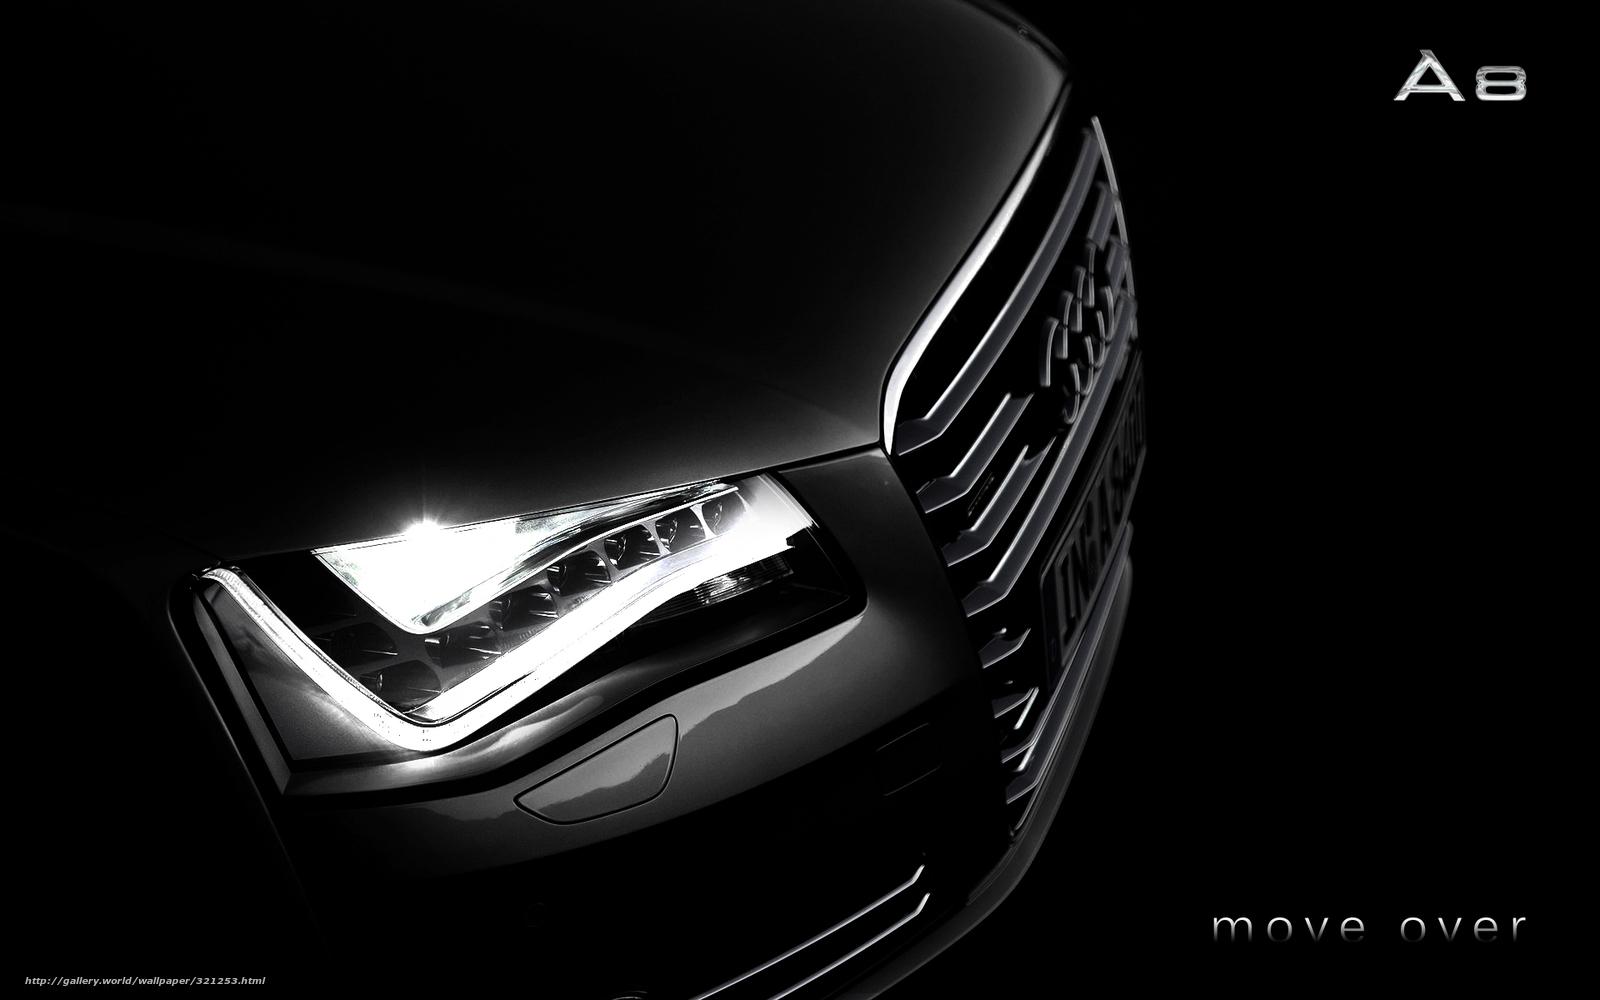 Tlcharger Fond D Ecran Audi A8 Lumires Fonds D Ecran Gratuits Pour Votre Rsolution Du Bureau 1920x1200 Image 321253